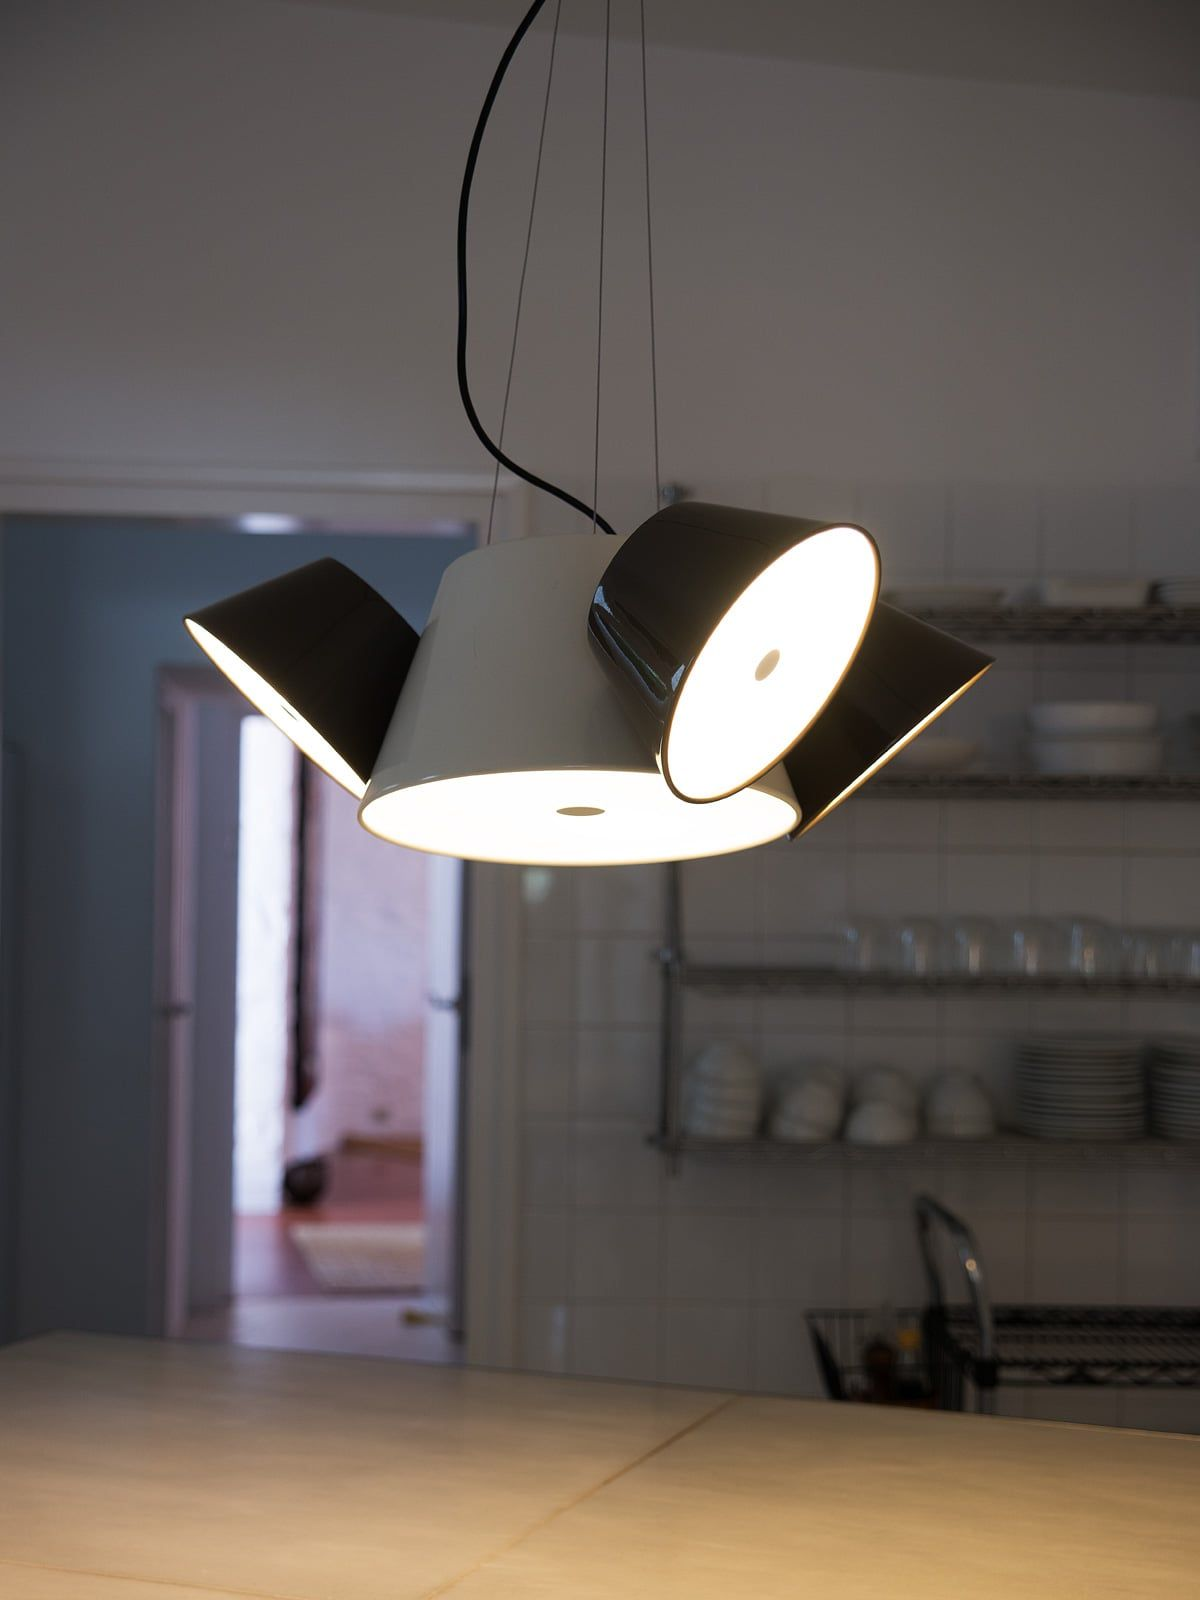 0426e55761a35c6af2e6c31ac3ab8f76 Spannende Lampe Mit Mehreren Schirmen Dekorationen